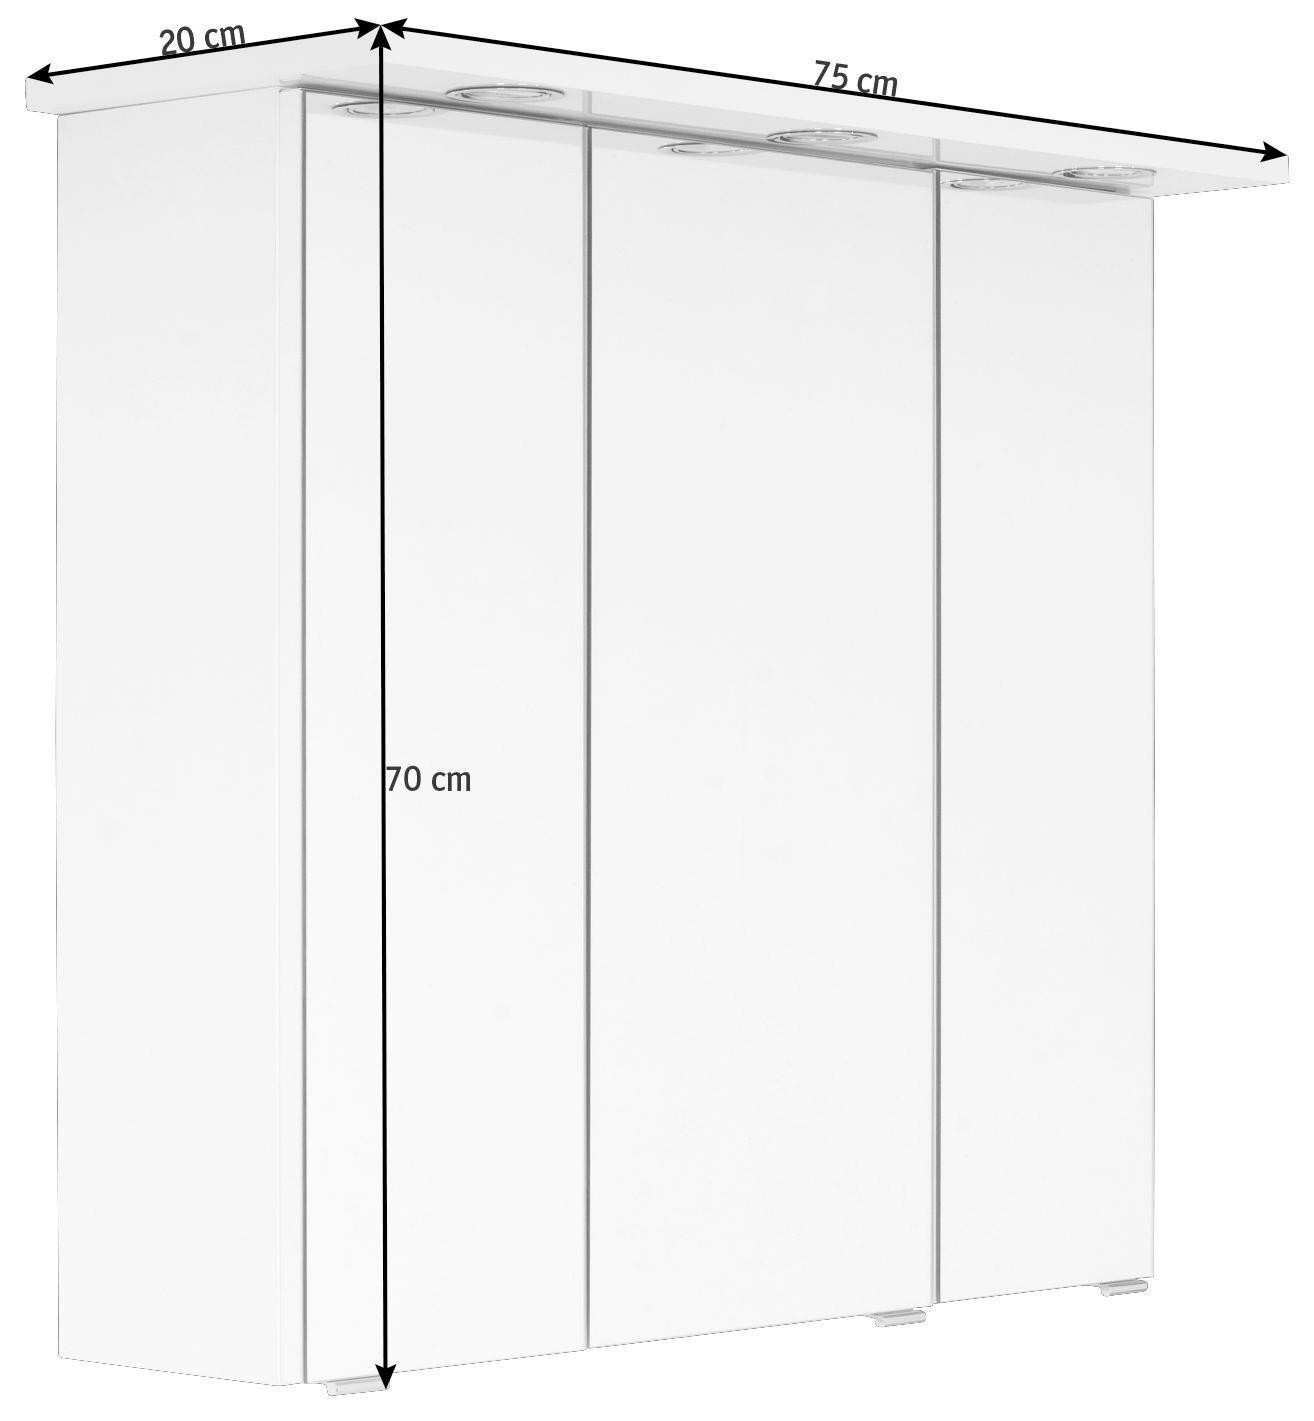 ELEMENT S OGLEDALOM - bijela, Konvencionalno, staklo/drvni materijal (75/70/20cm) - XORA